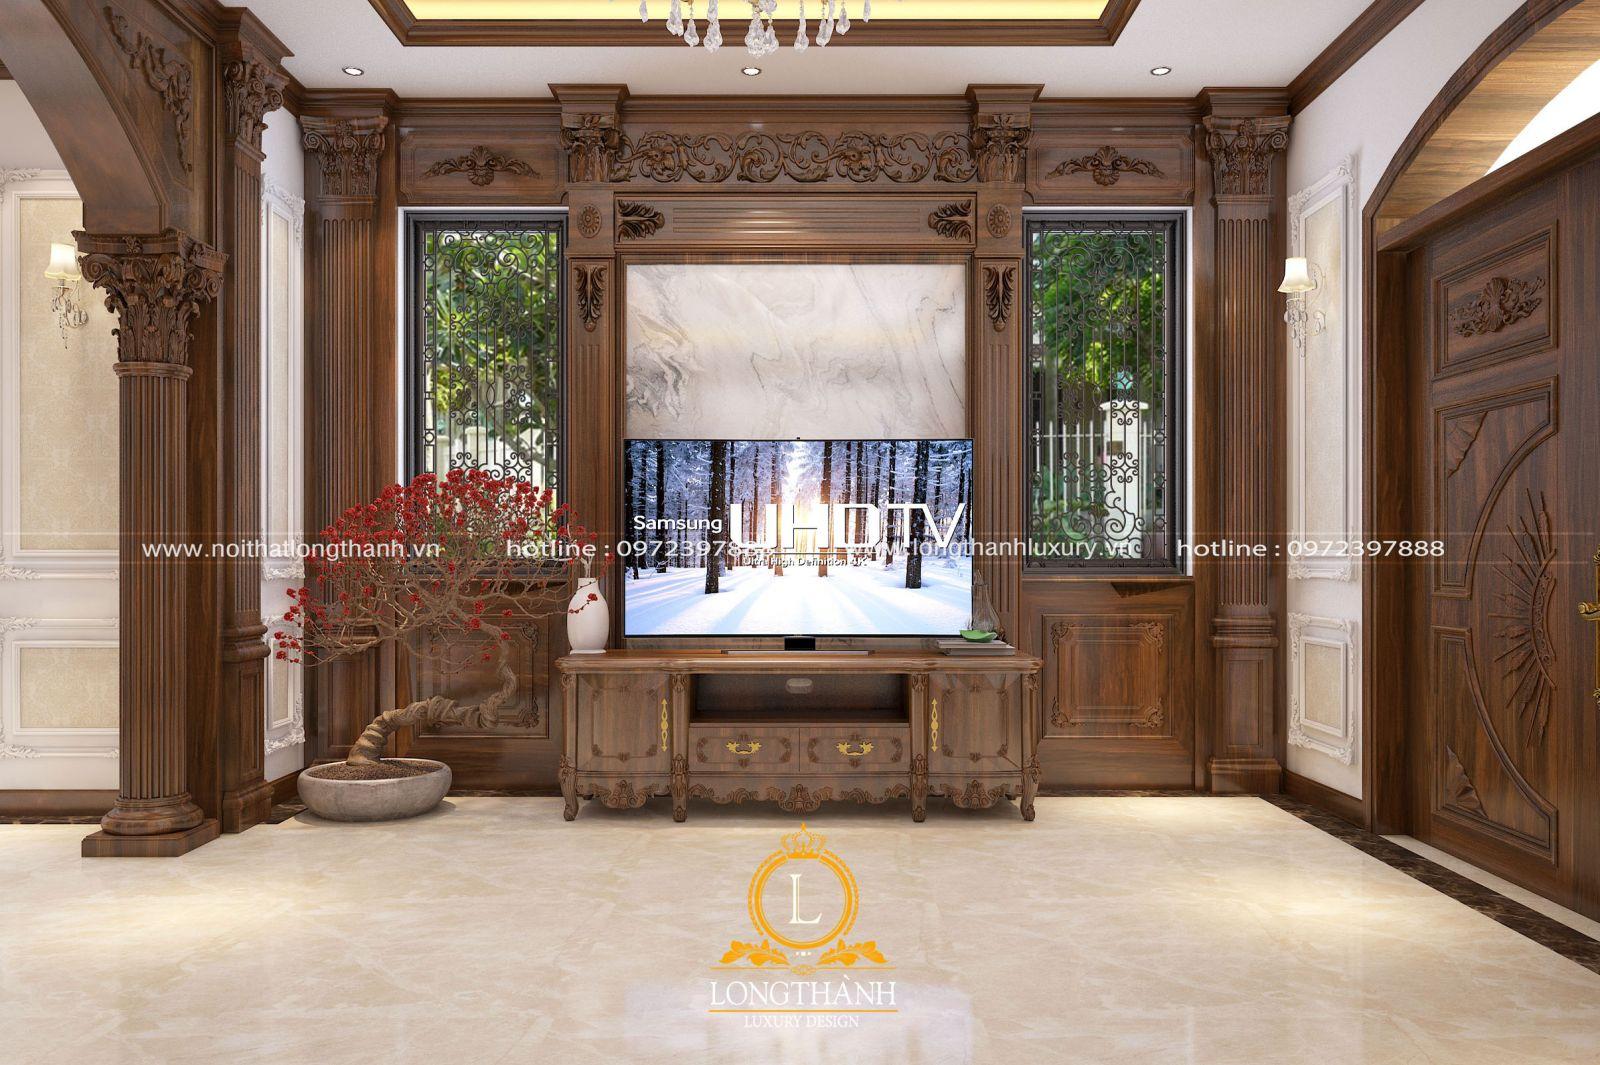 Căn phòng khách tân cổ điển đẹp sử dụng hoàn toàn gỗ tự nhiên